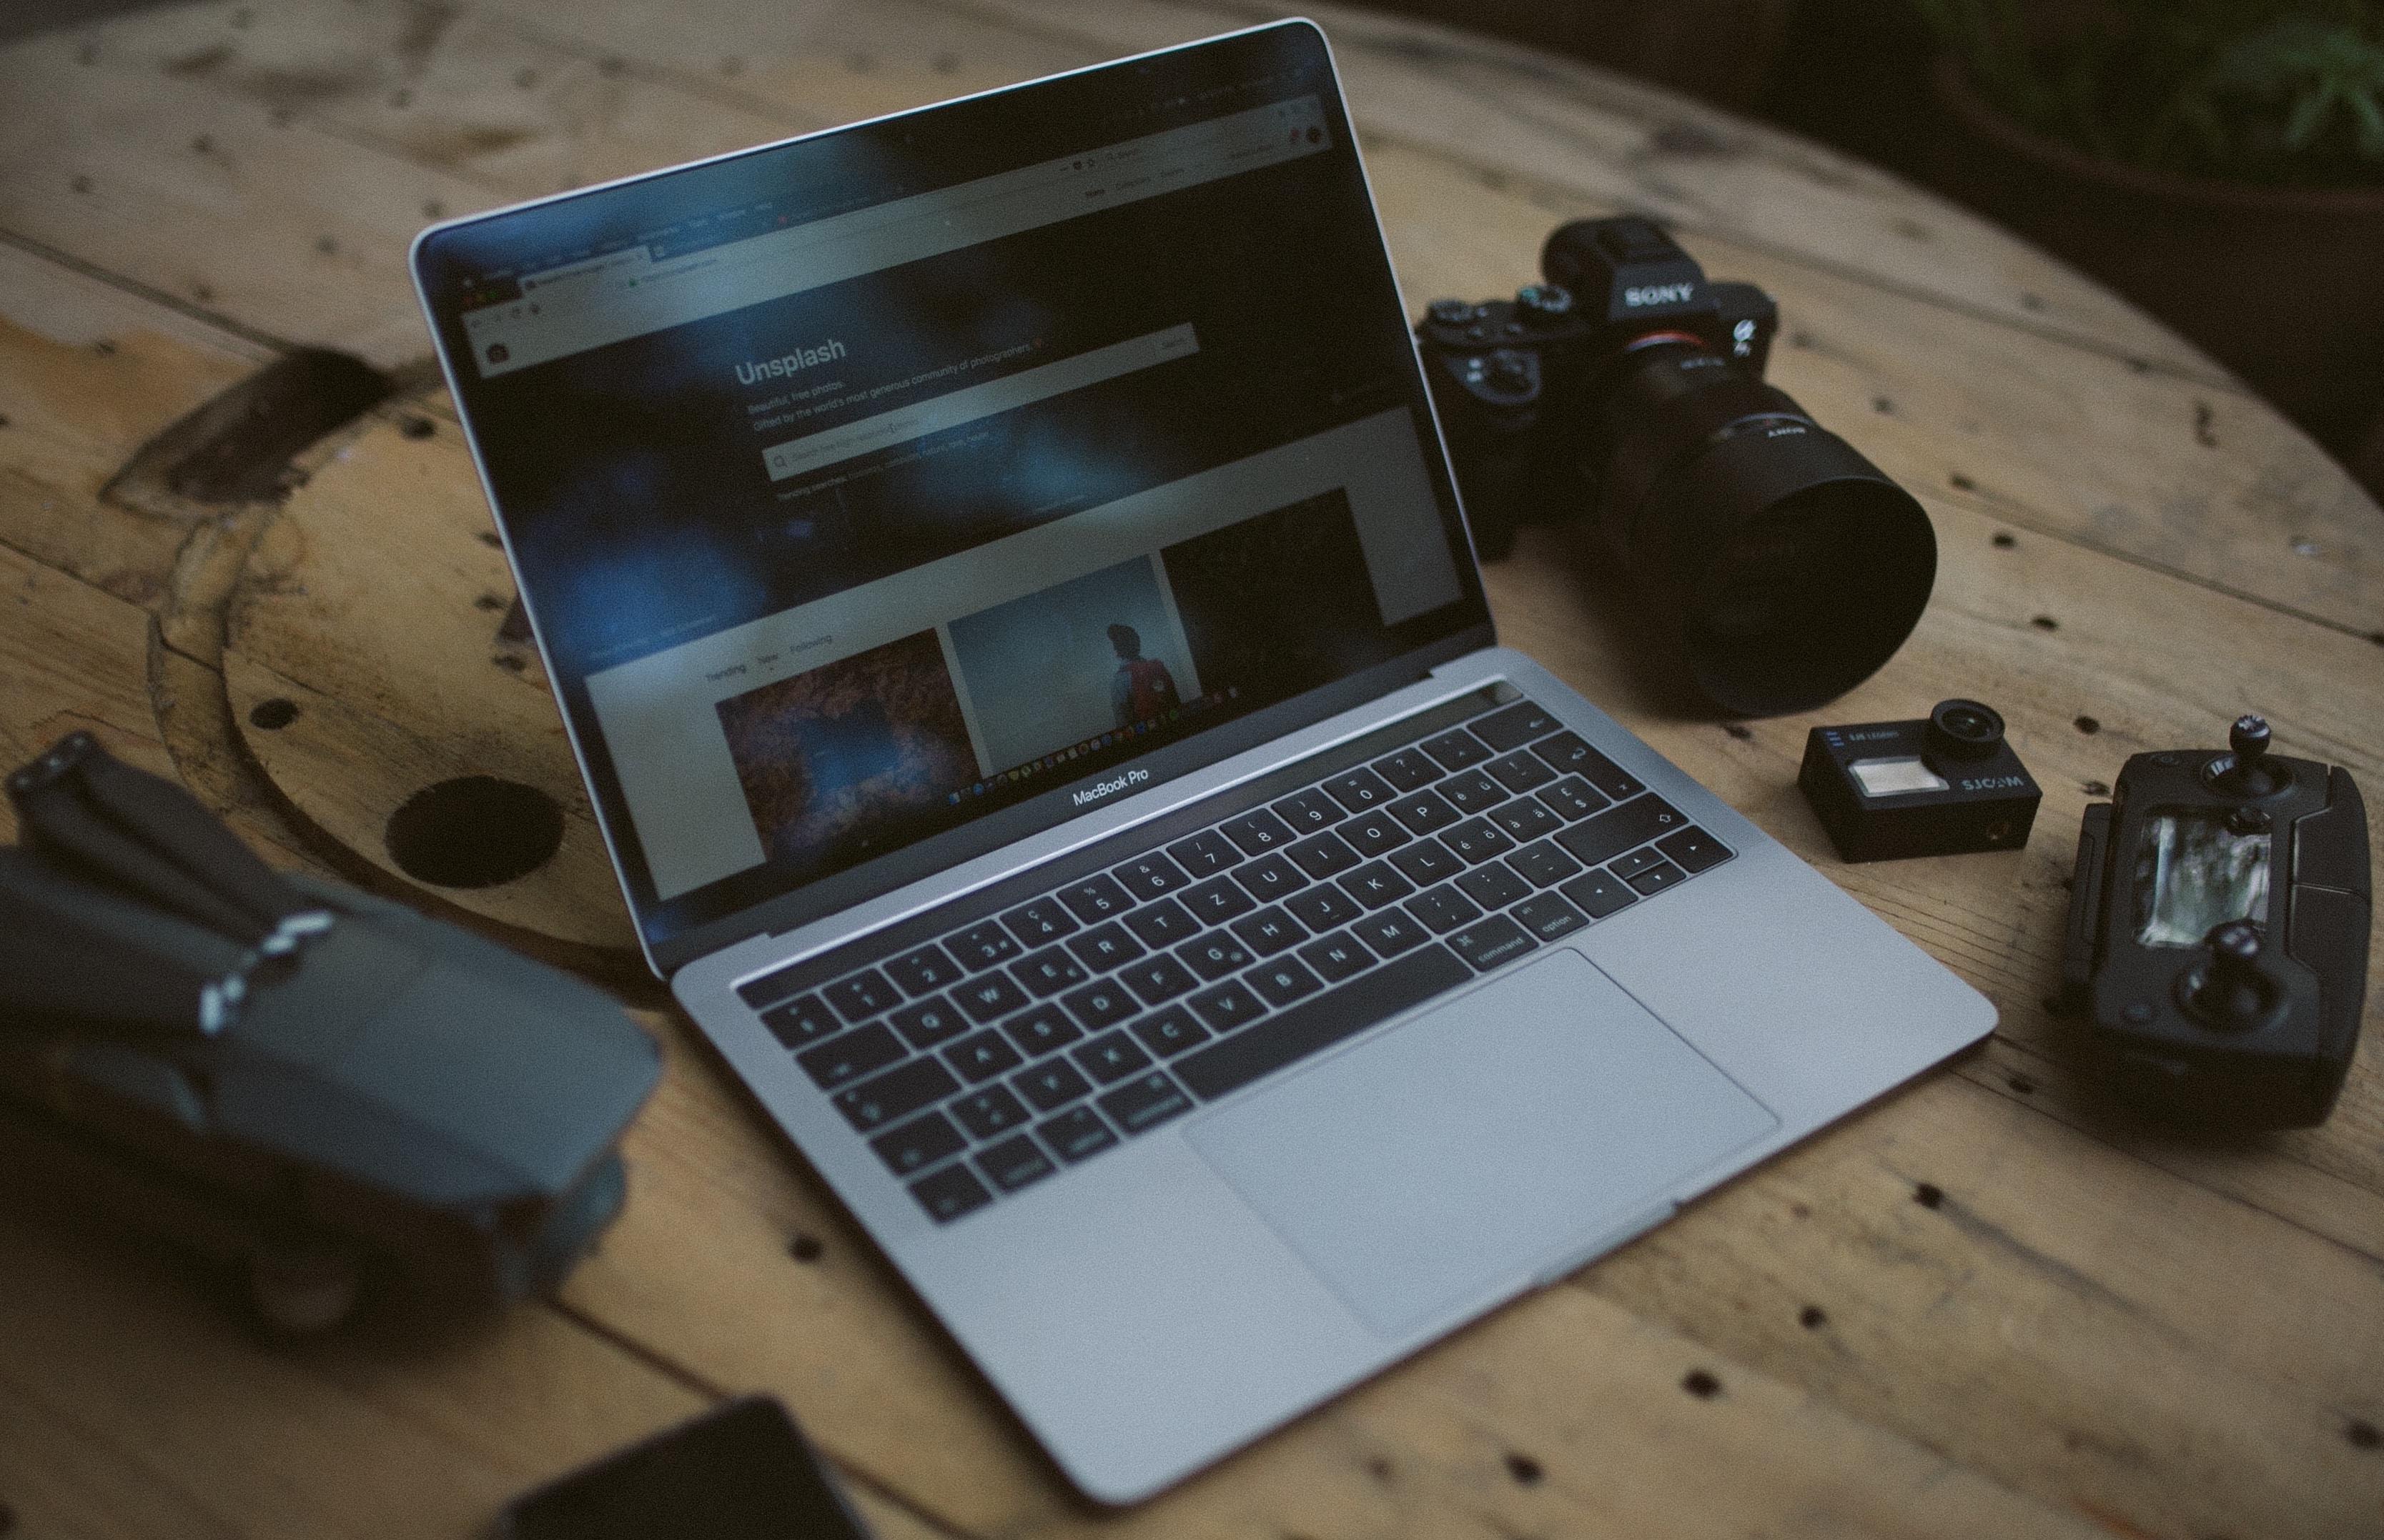 上手 MacBook Pro 基础操作和配置